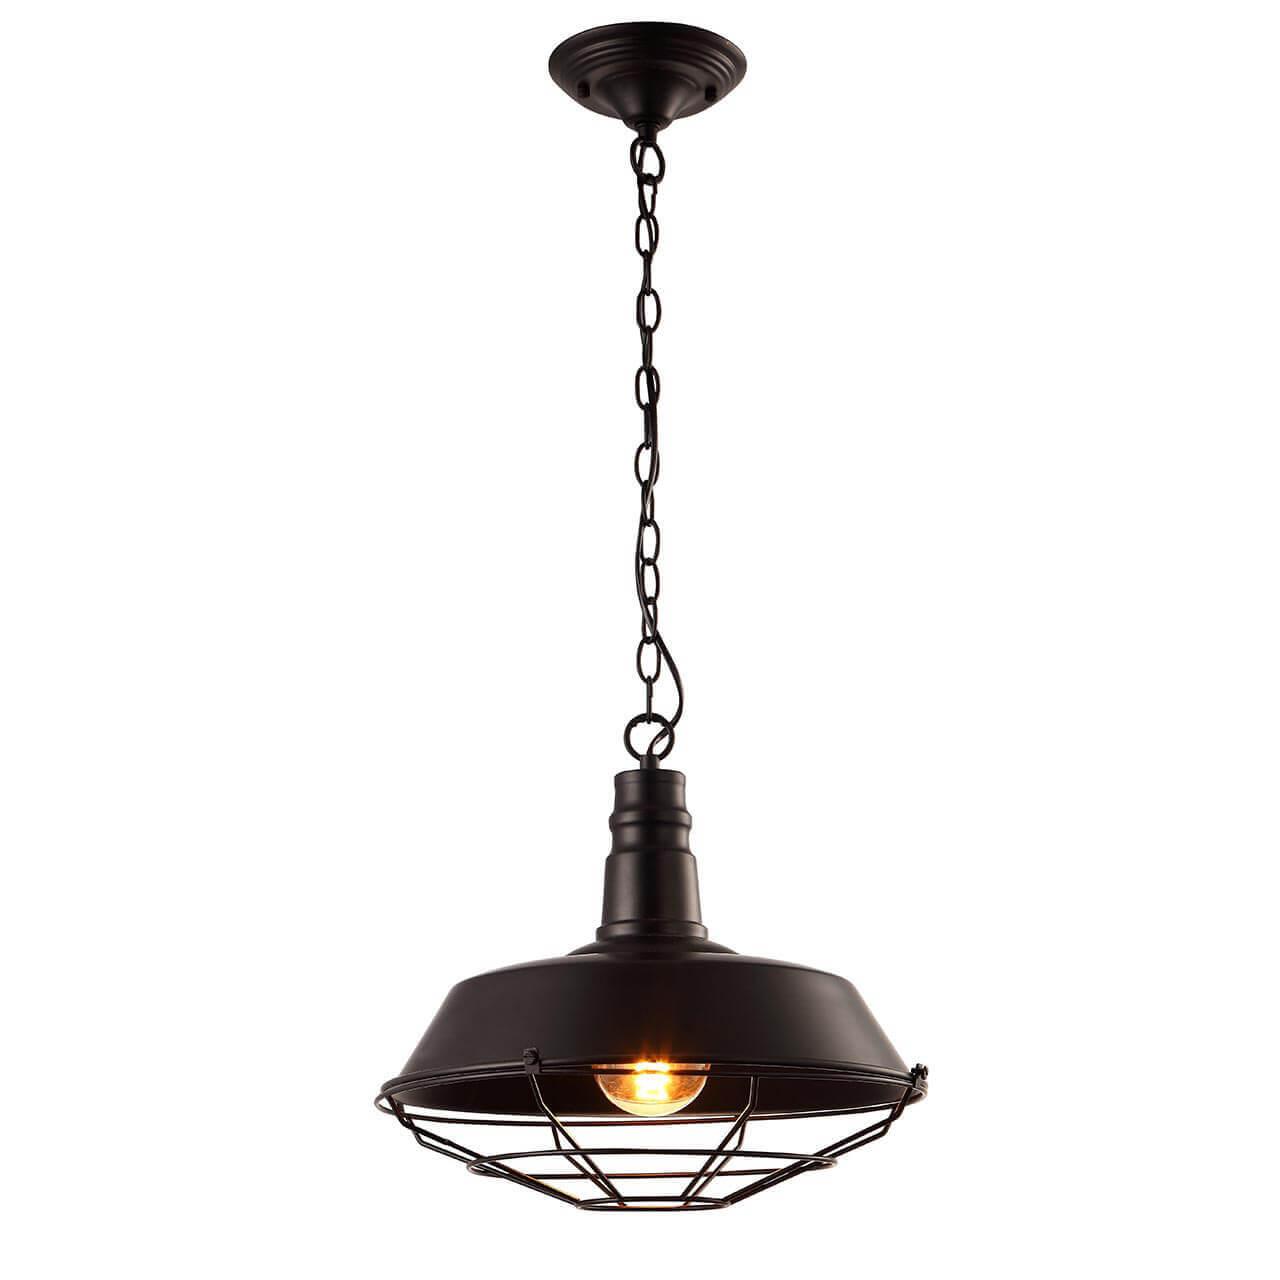 Светильник Arte Lamp A9183SP-1BK Ferrico Black потолочный светильник arte lamp ferrico a9183sp 1bk e27 60 вт